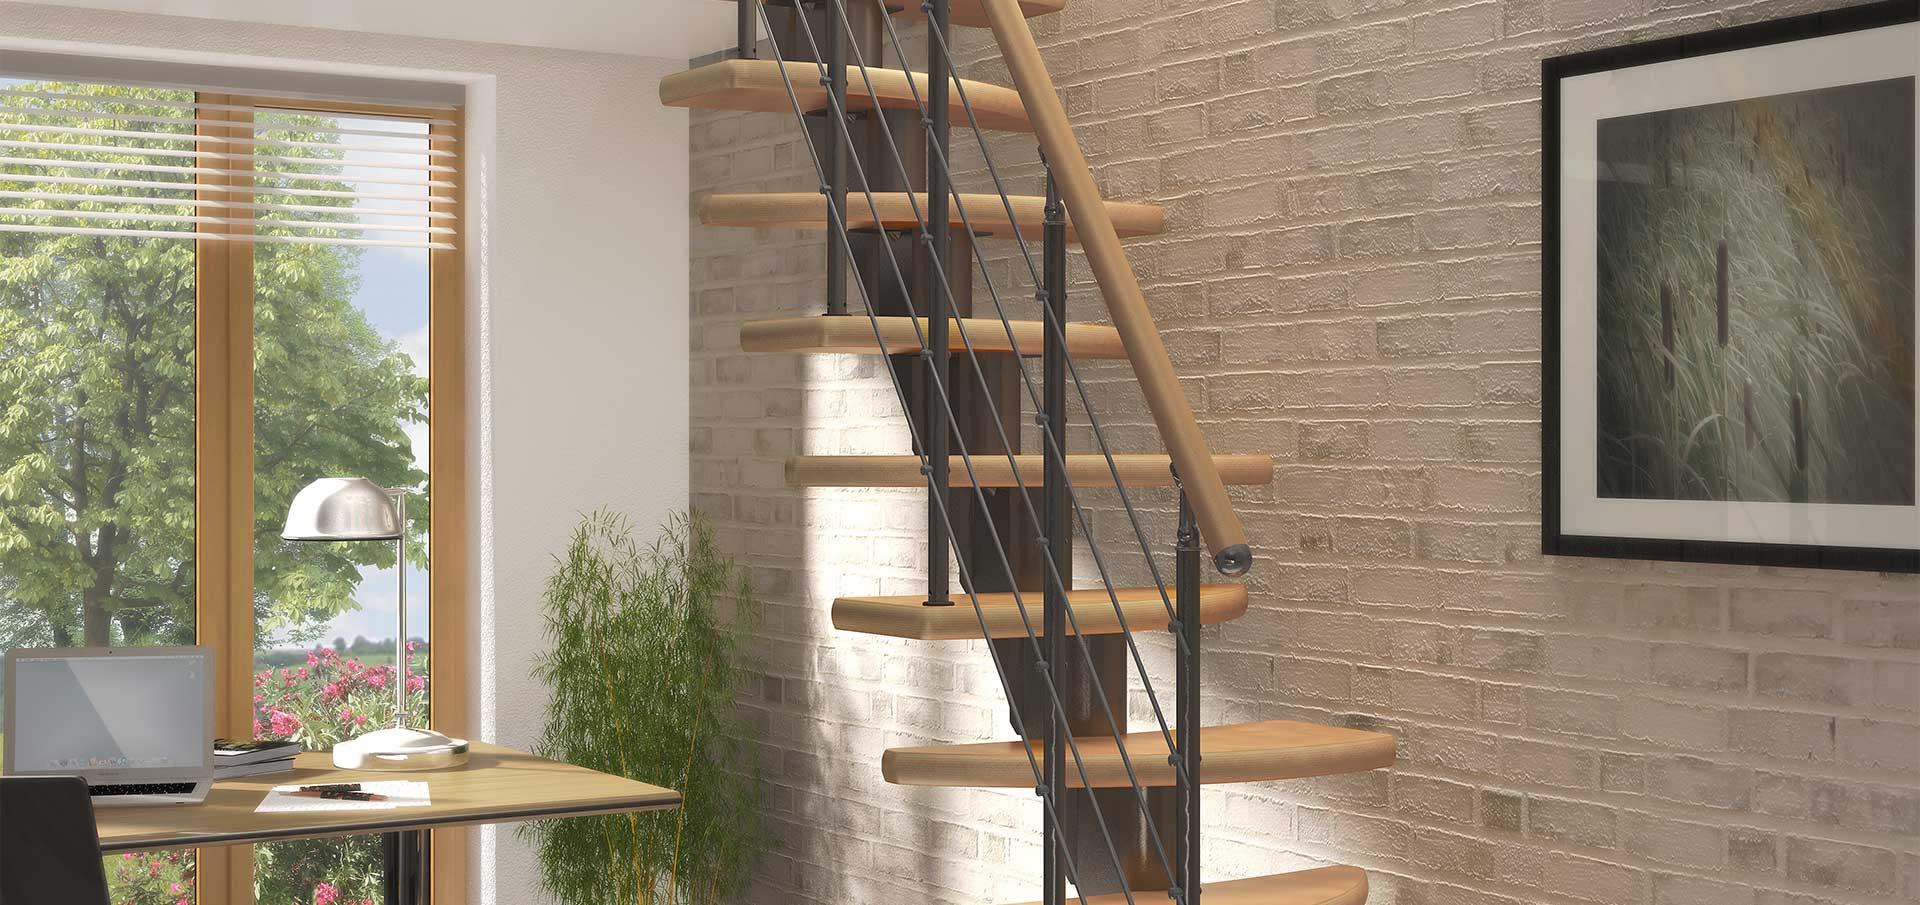 Tanie i efektowne schody modułowe